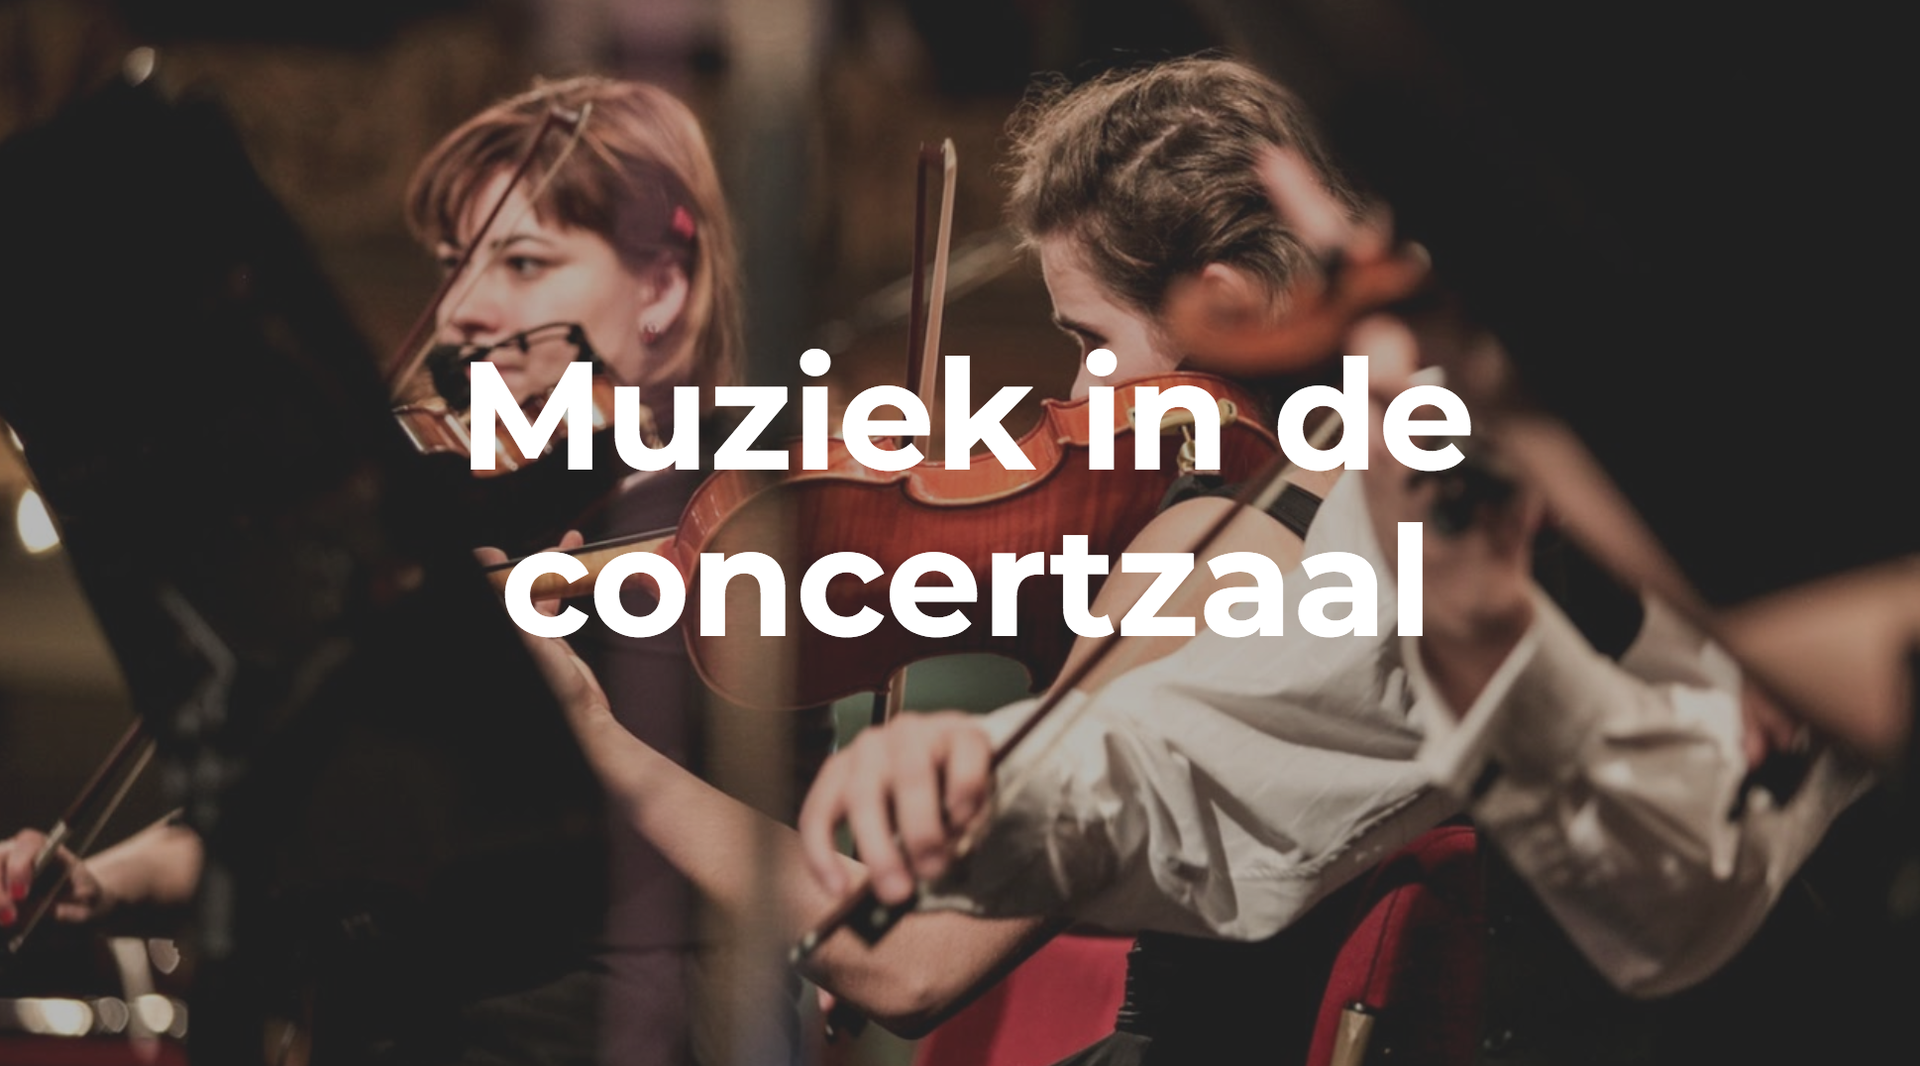 Les muziek in de concertzaal